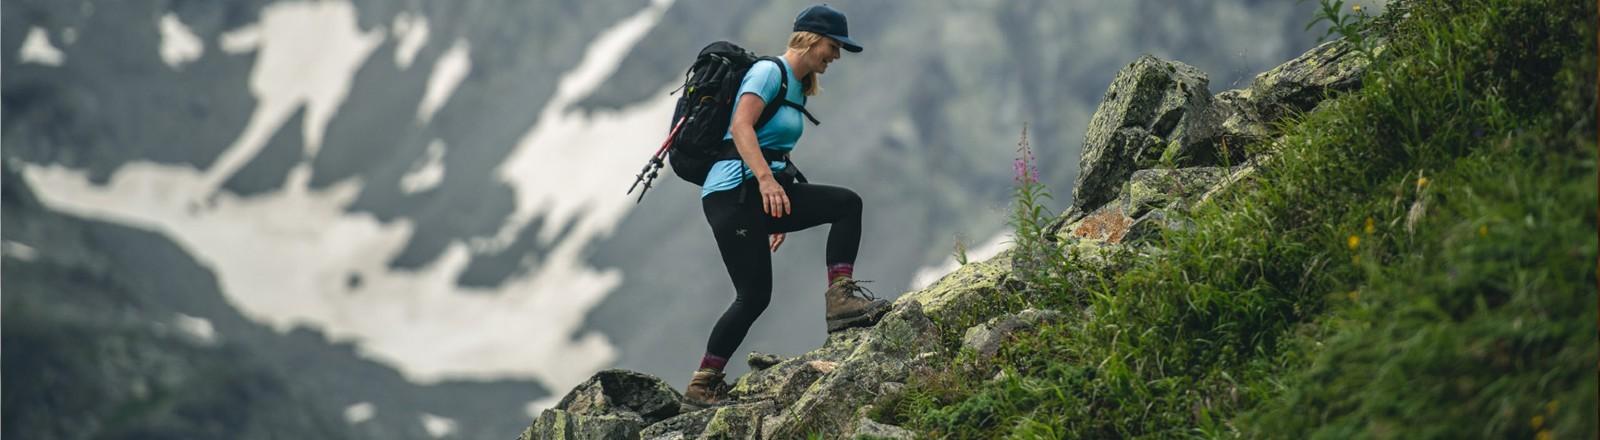 Kaddie Kestler beim Wandern in den Bergen